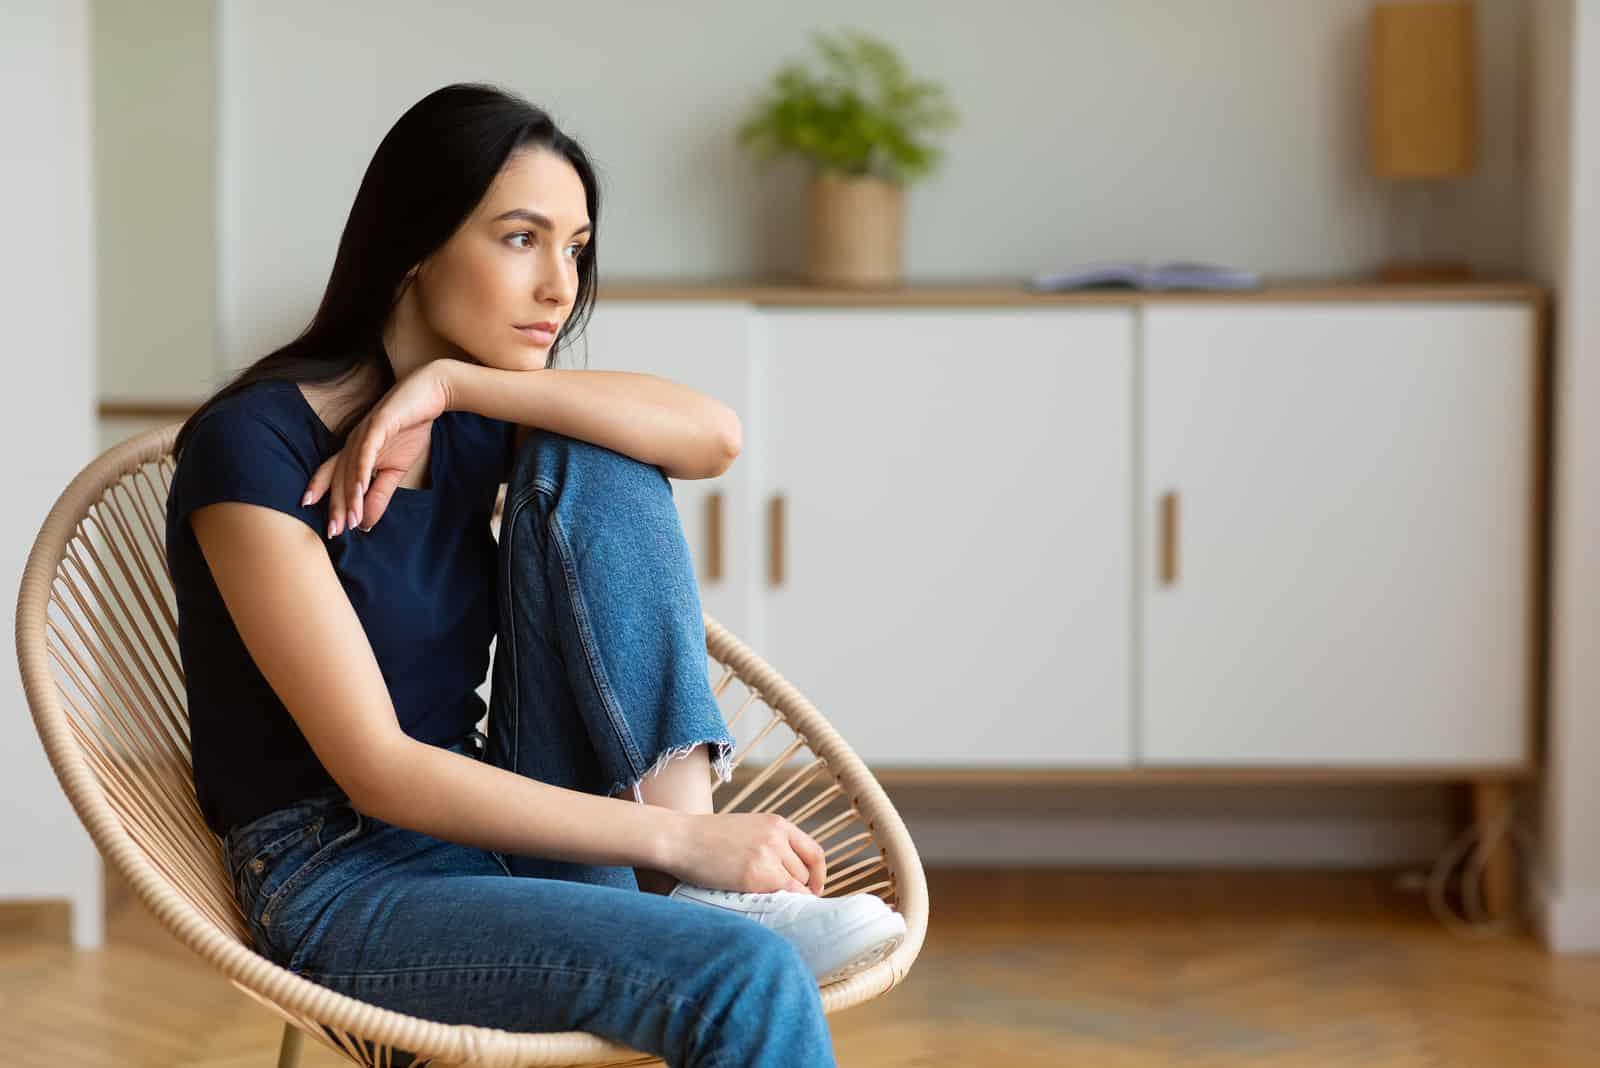 Femme pensée séance dans fauteuil moderne